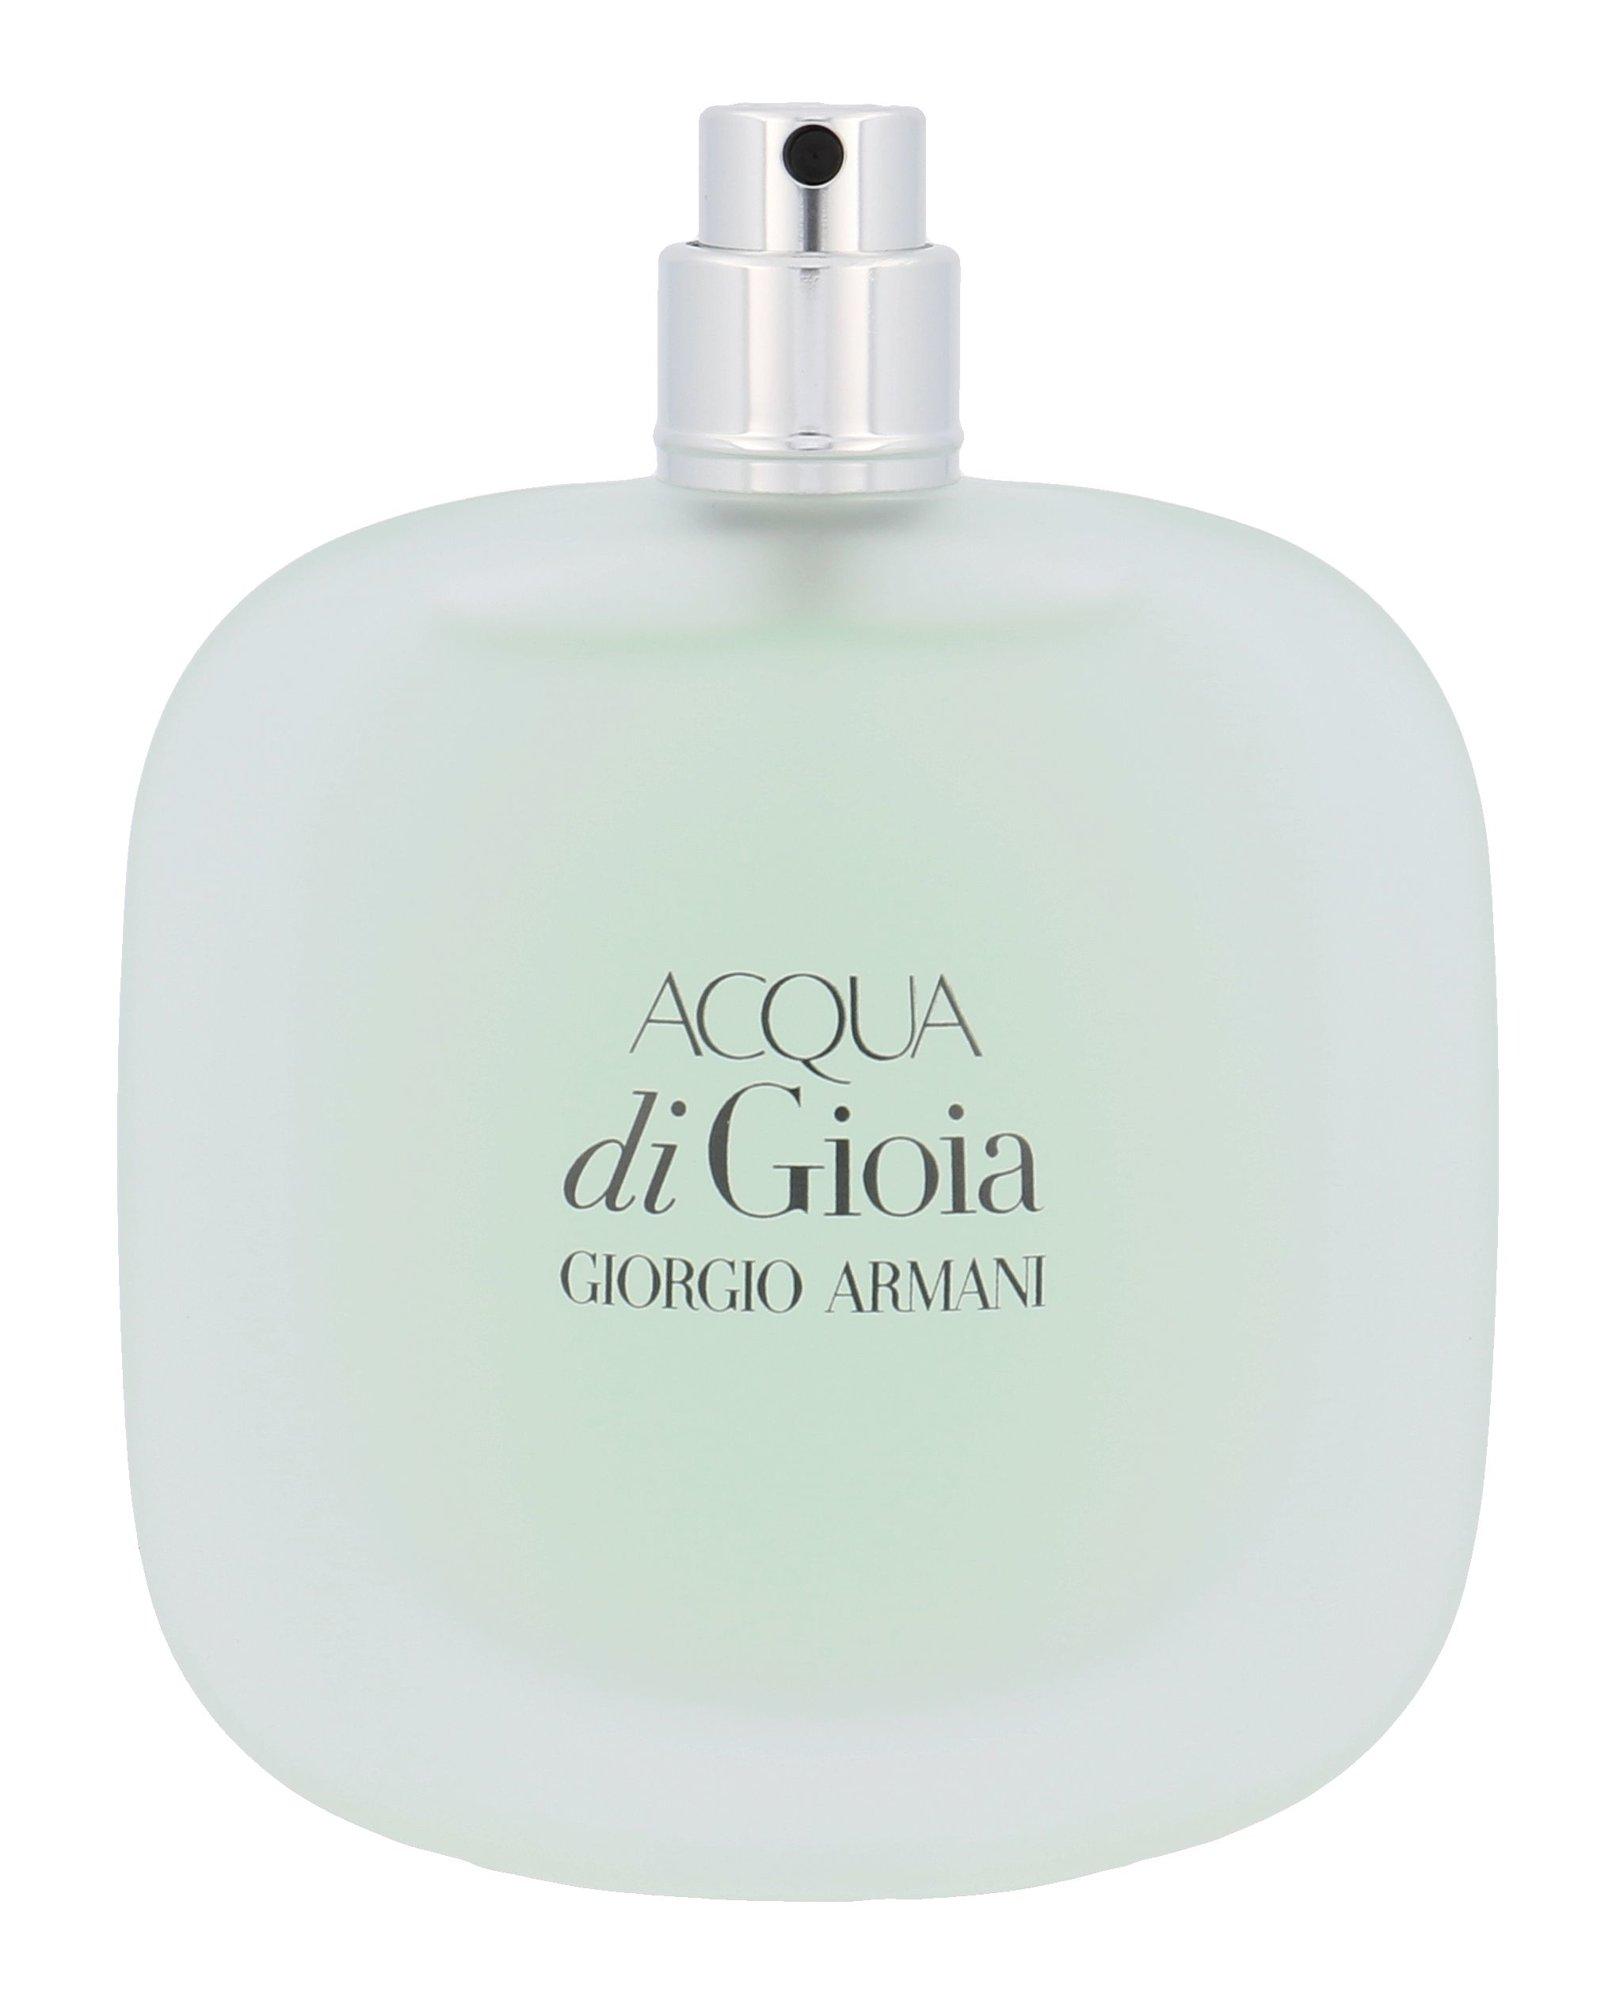 Giorgio Armani Acqua di Gioia EDT 50ml